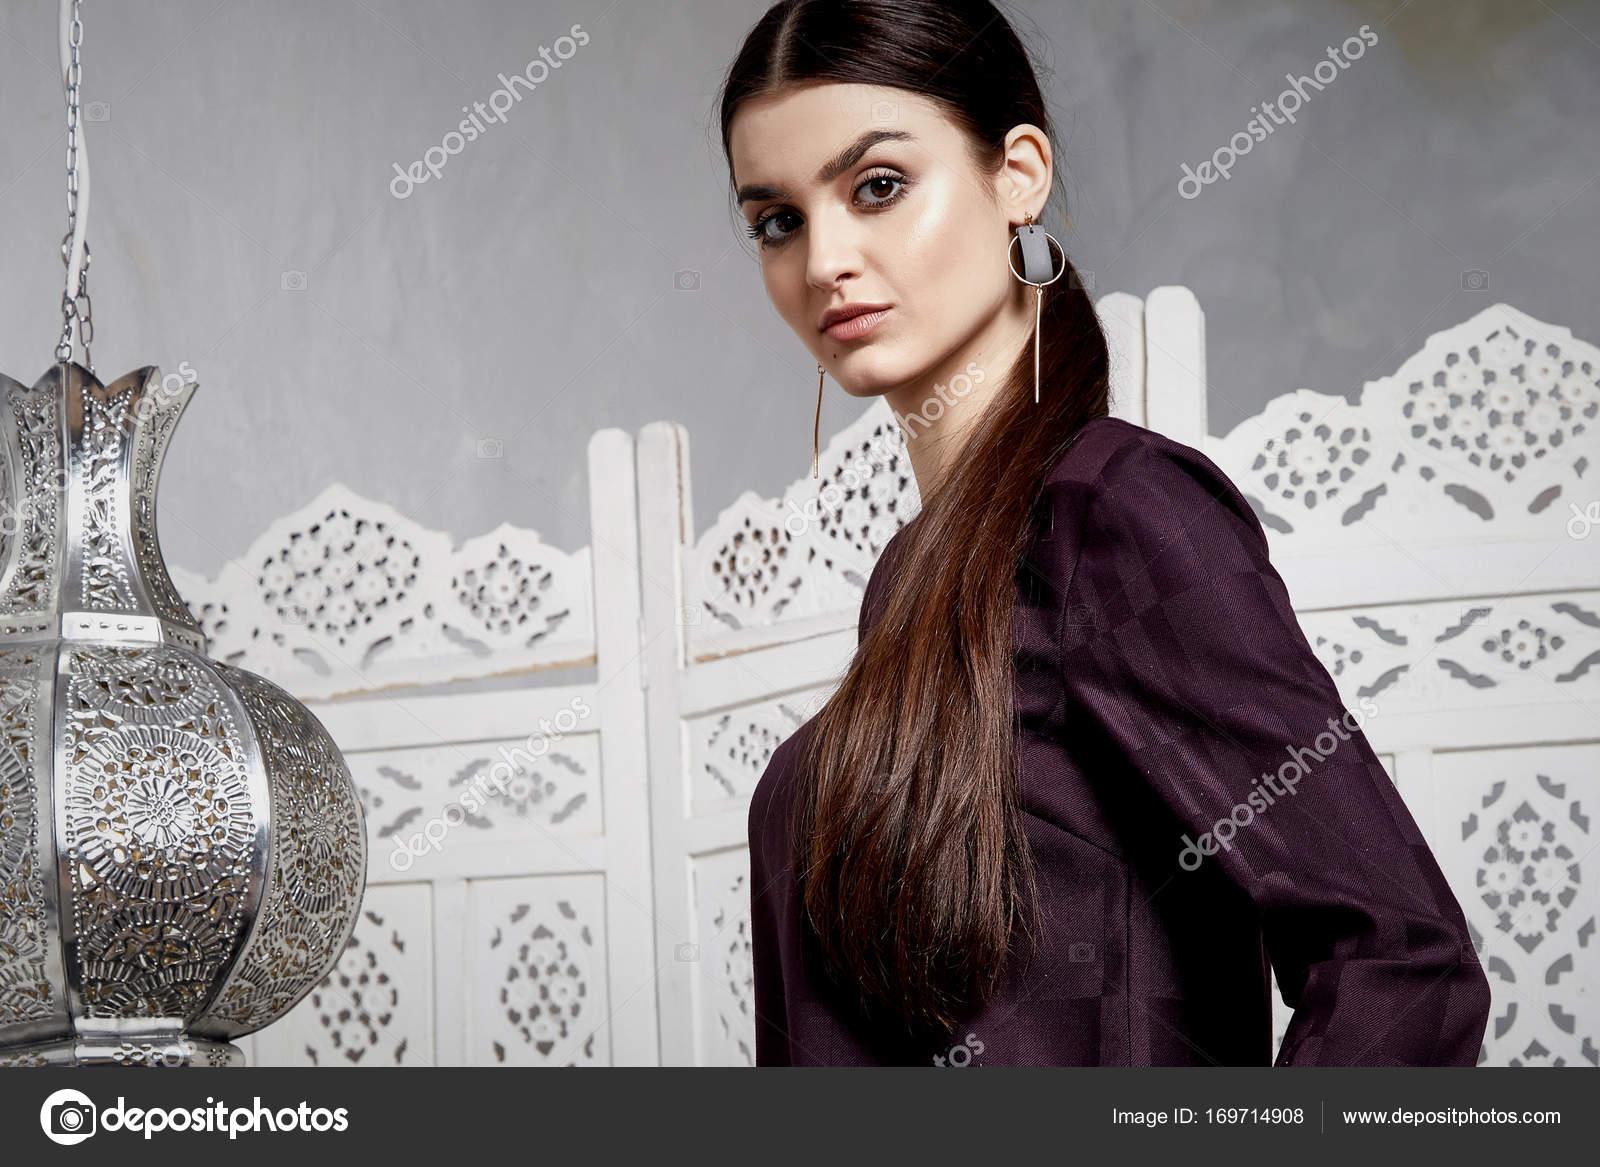 Порнушка красивые фото женщин брюнеток с арабии форум муж сосал